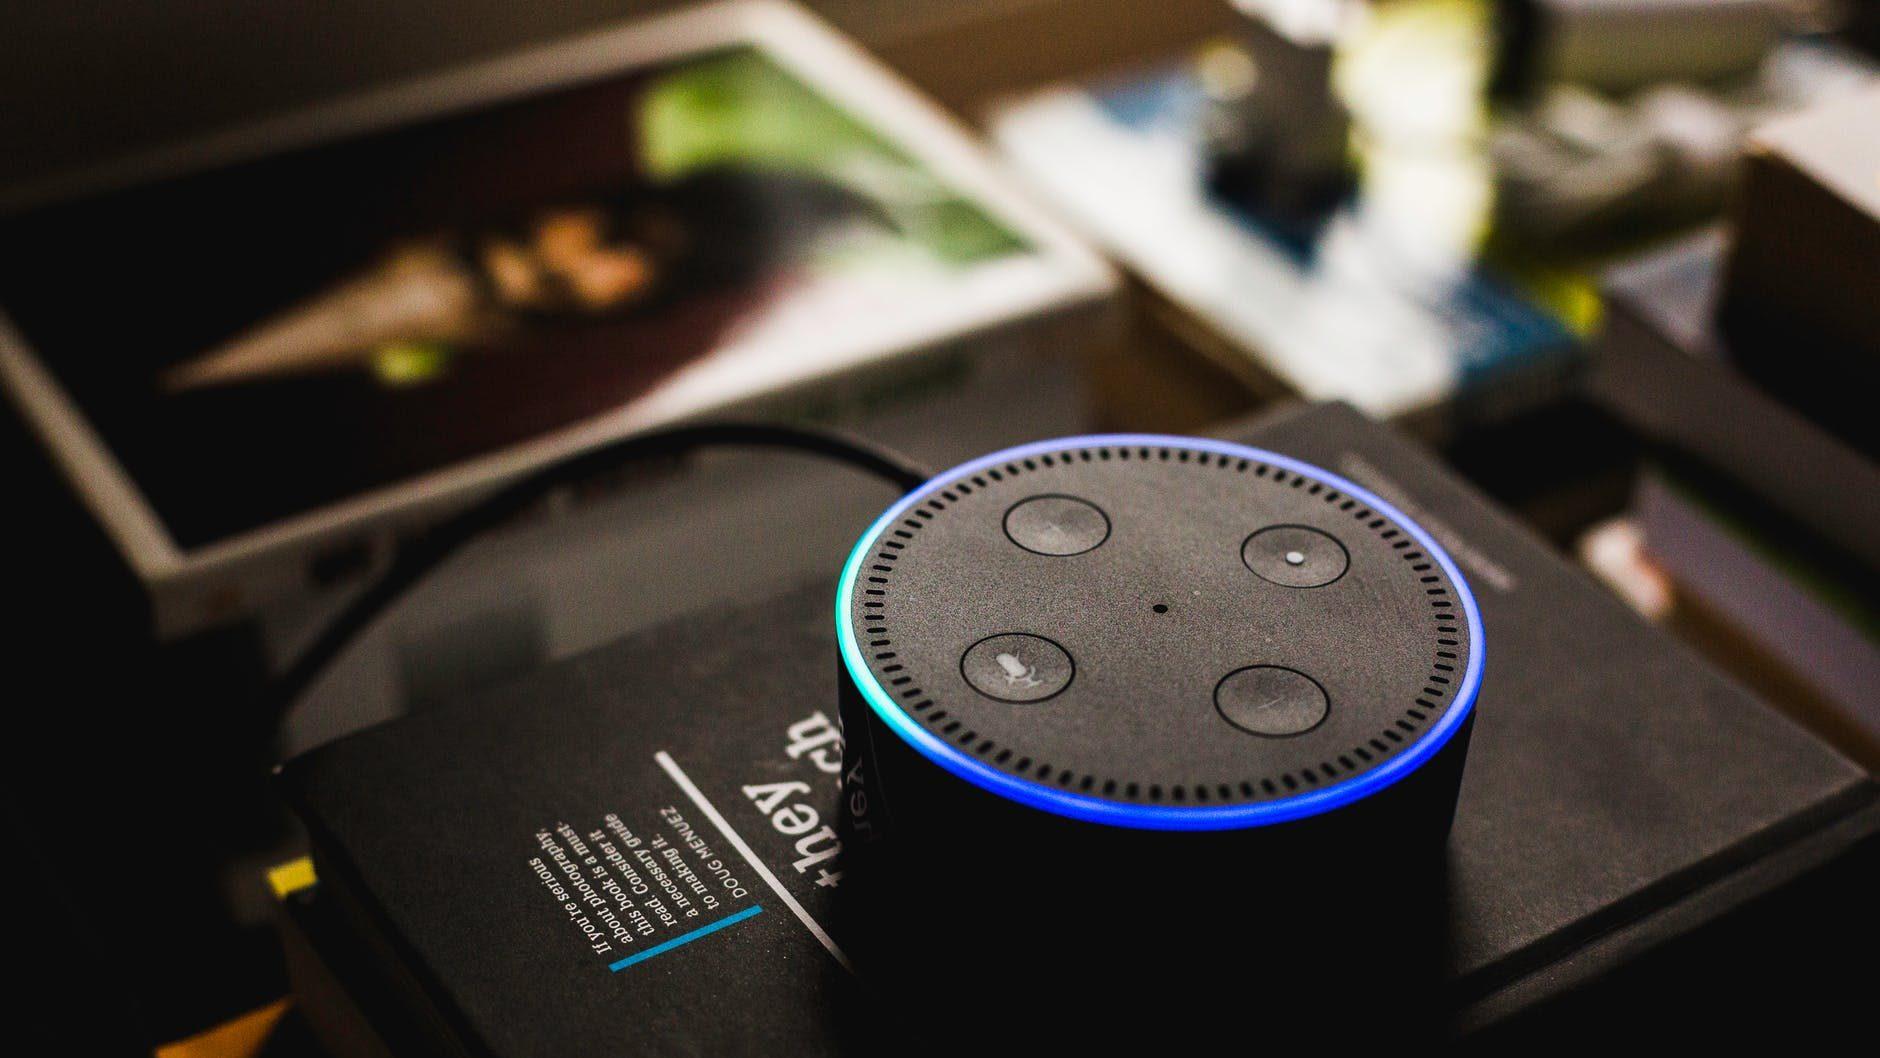 Novidades da Amazon: micro-ondas, relógios e Alexa no carro